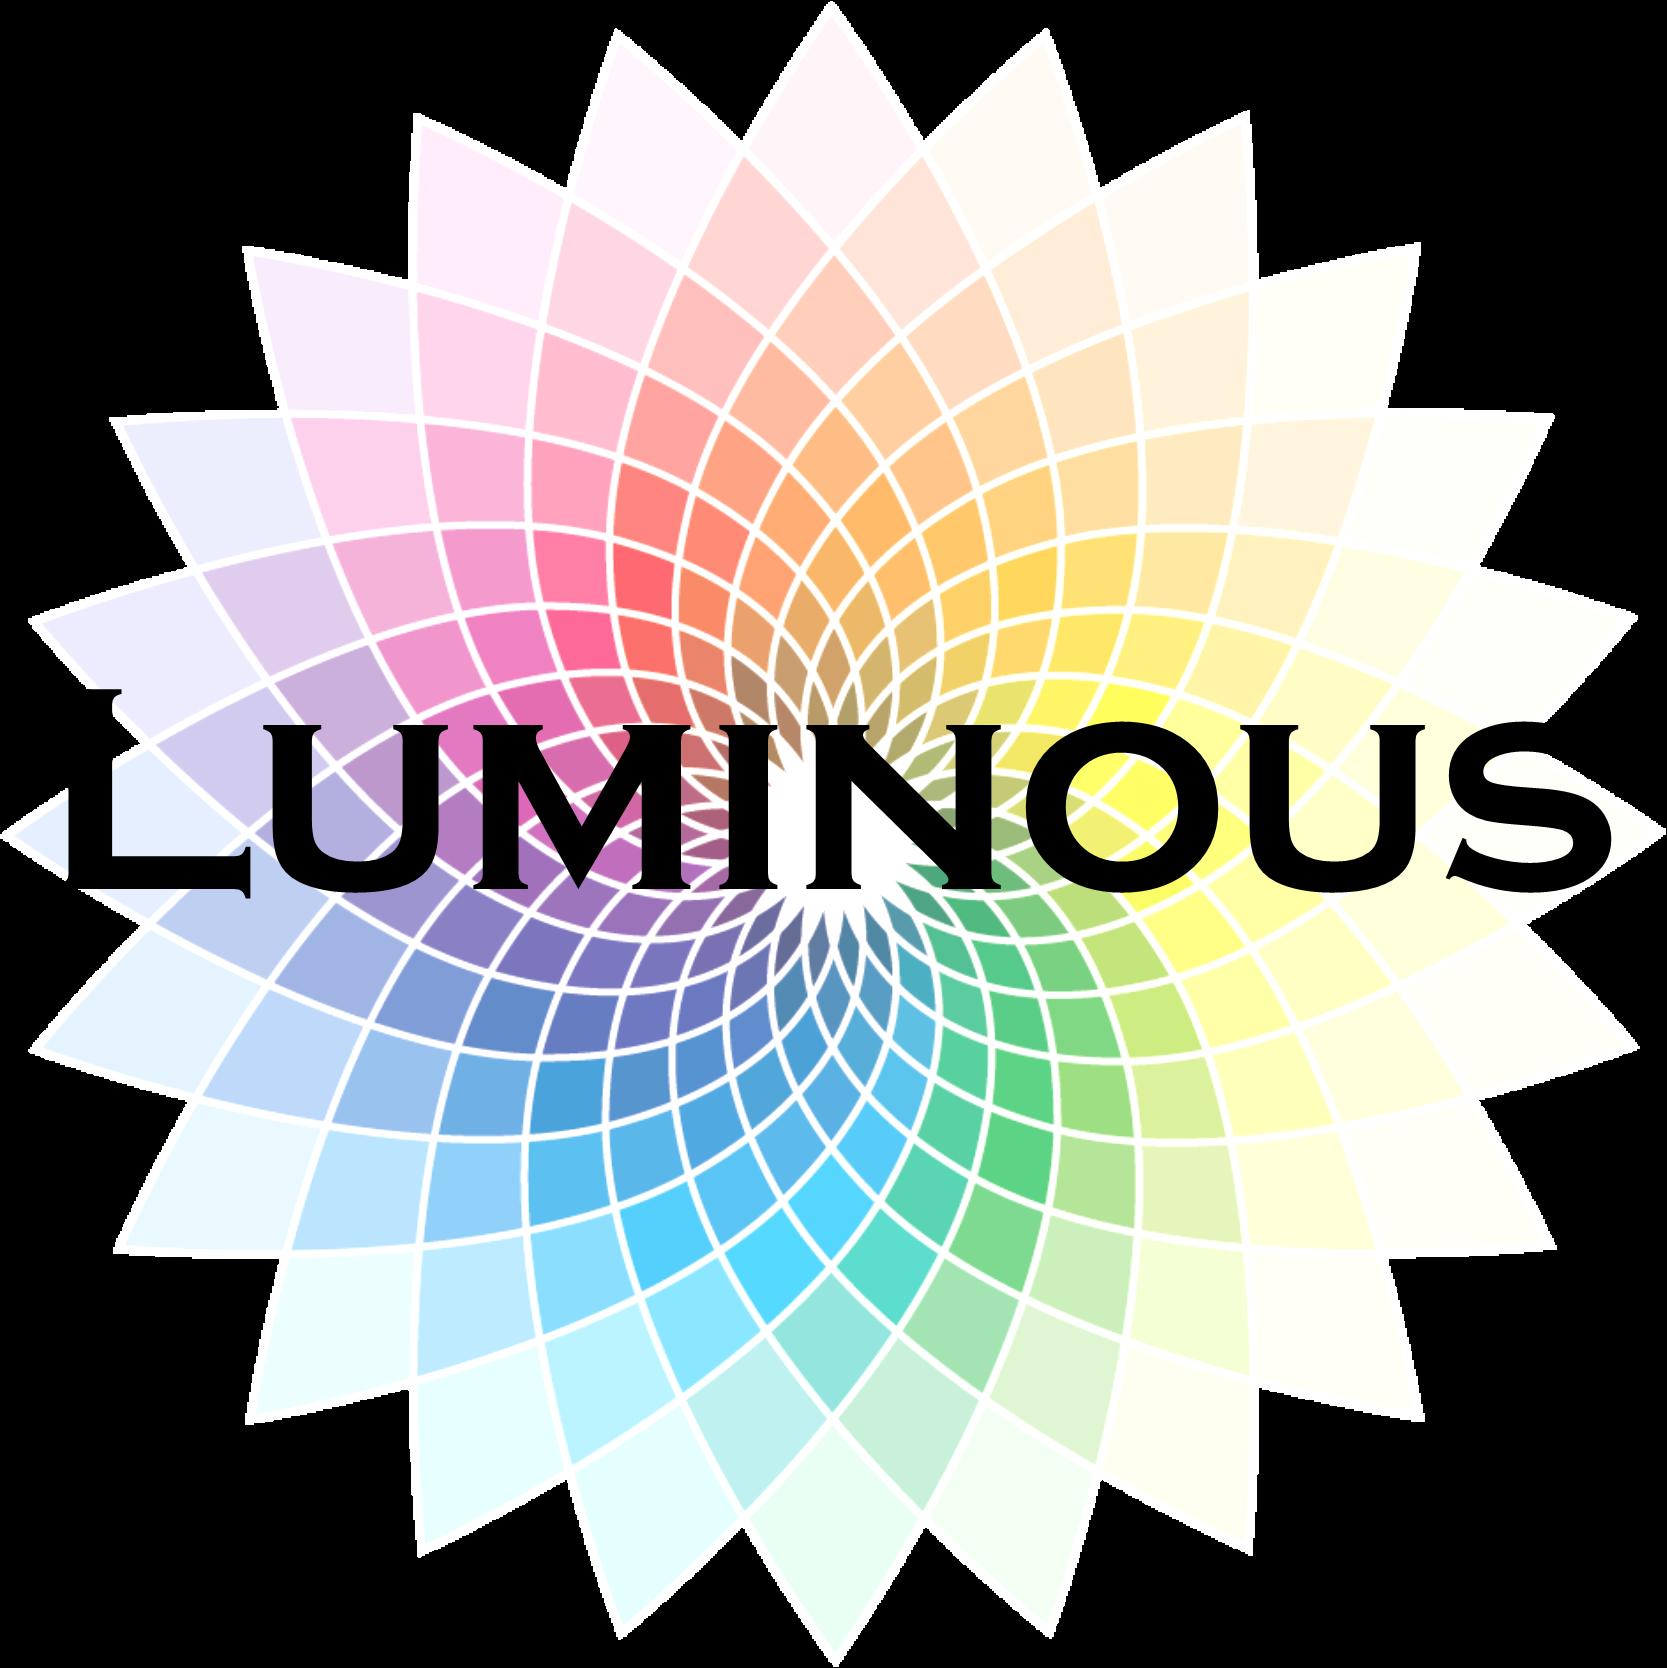 Luminous LLC